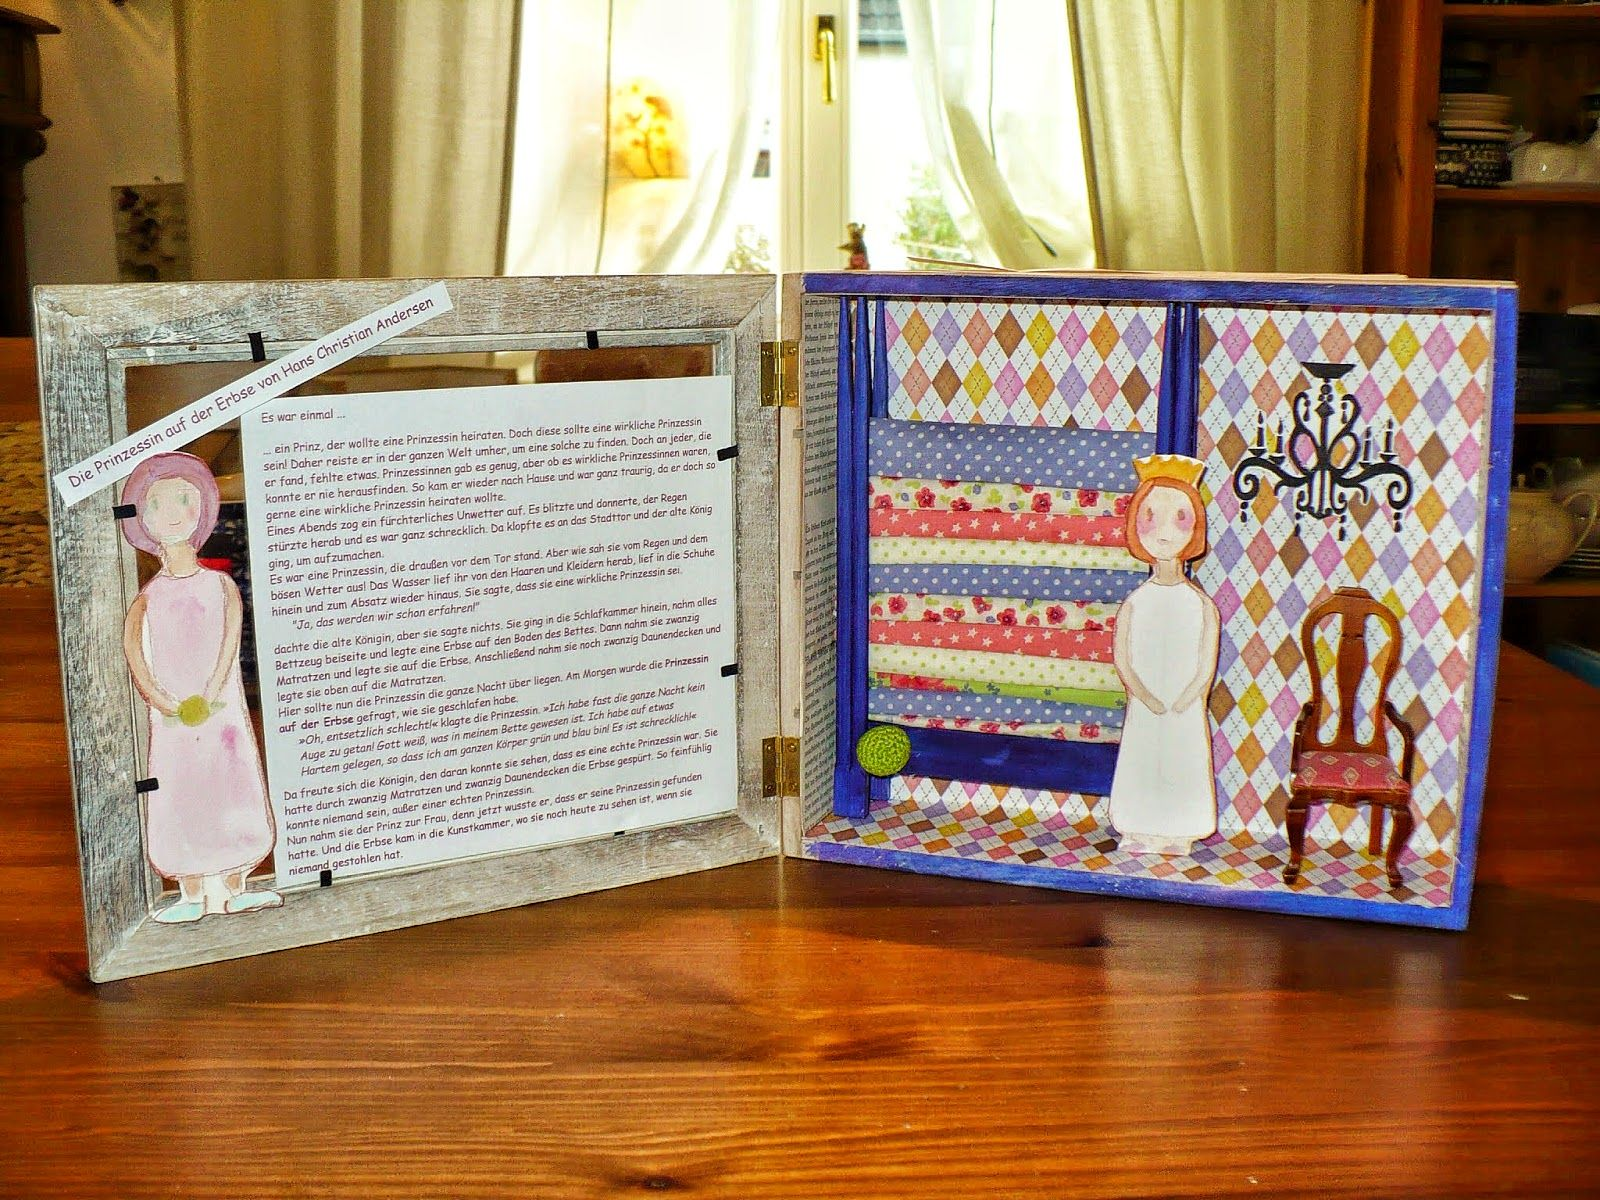 Prinzessin auf der erbse basteln  Das blaue Haus : Die Prinzessin auf der Erbse | Play With Fabric ...